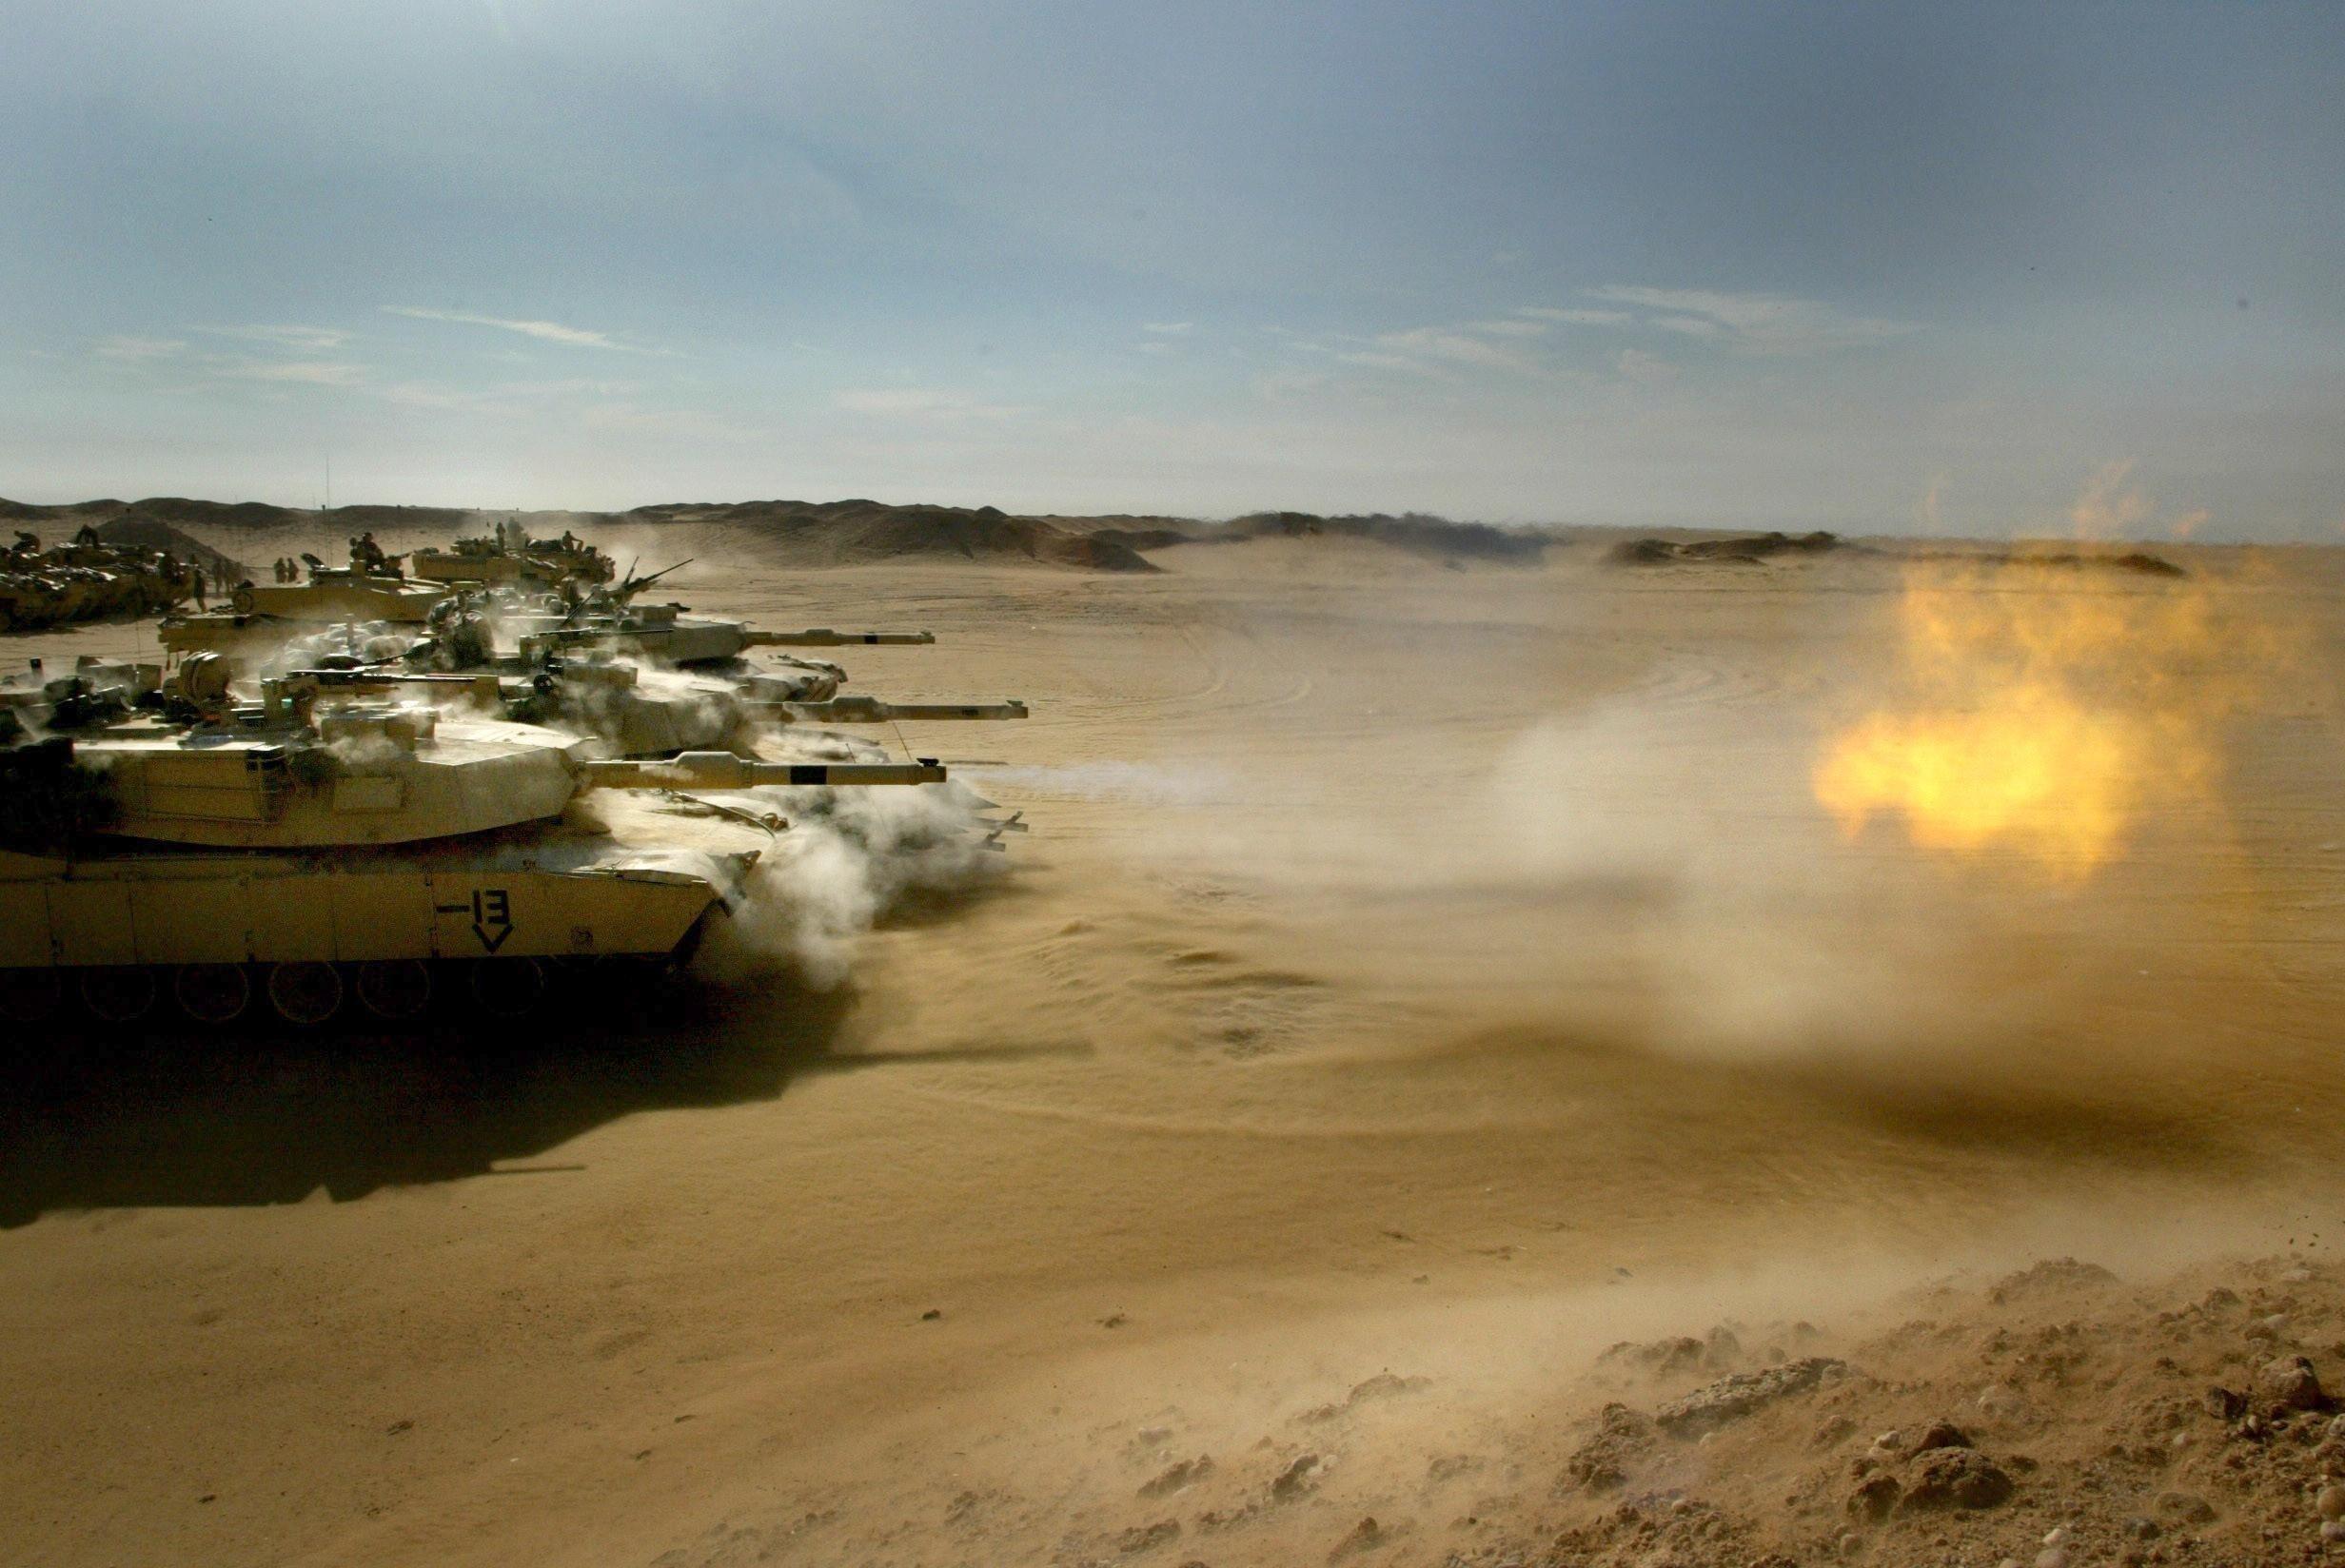 29475_tank_tanks_in_desert.jpg